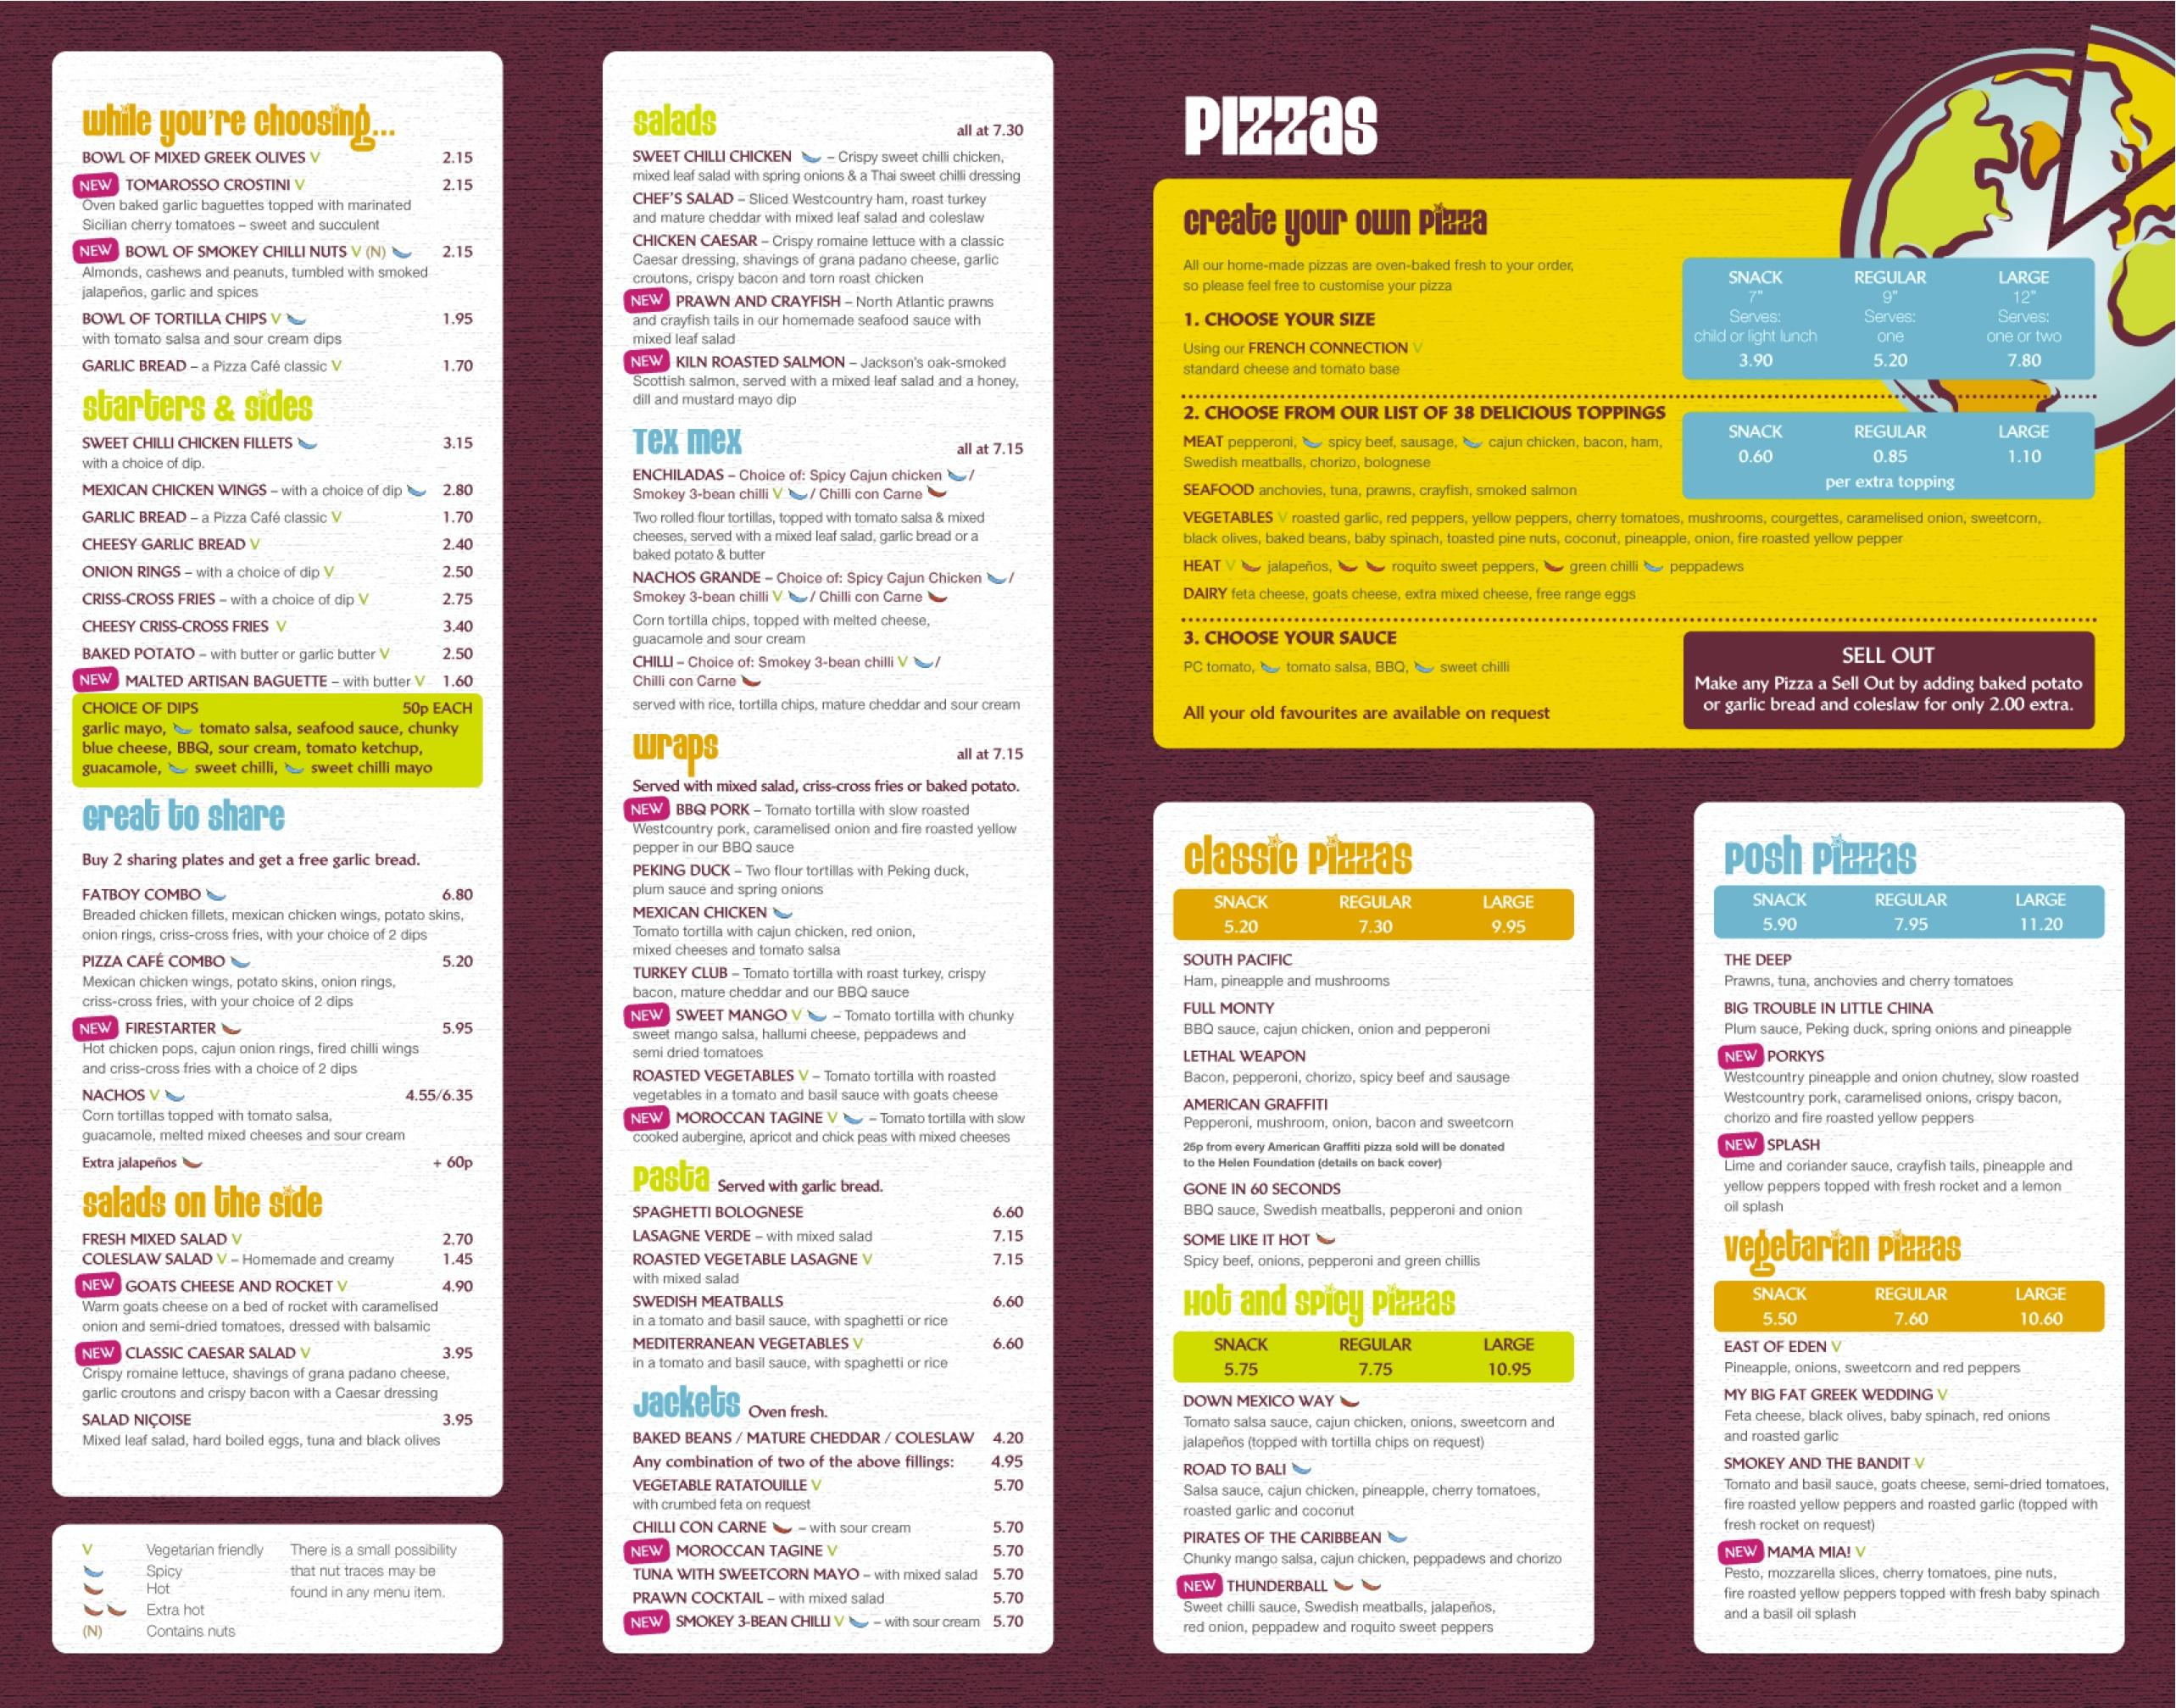 Pizza Cafe Newton Abbot Menu Page 1 : pizza cafe newton abbot menu page 1 from matthewsfoodblog.co.uk size 2567 x 2015 jpeg 1861kB